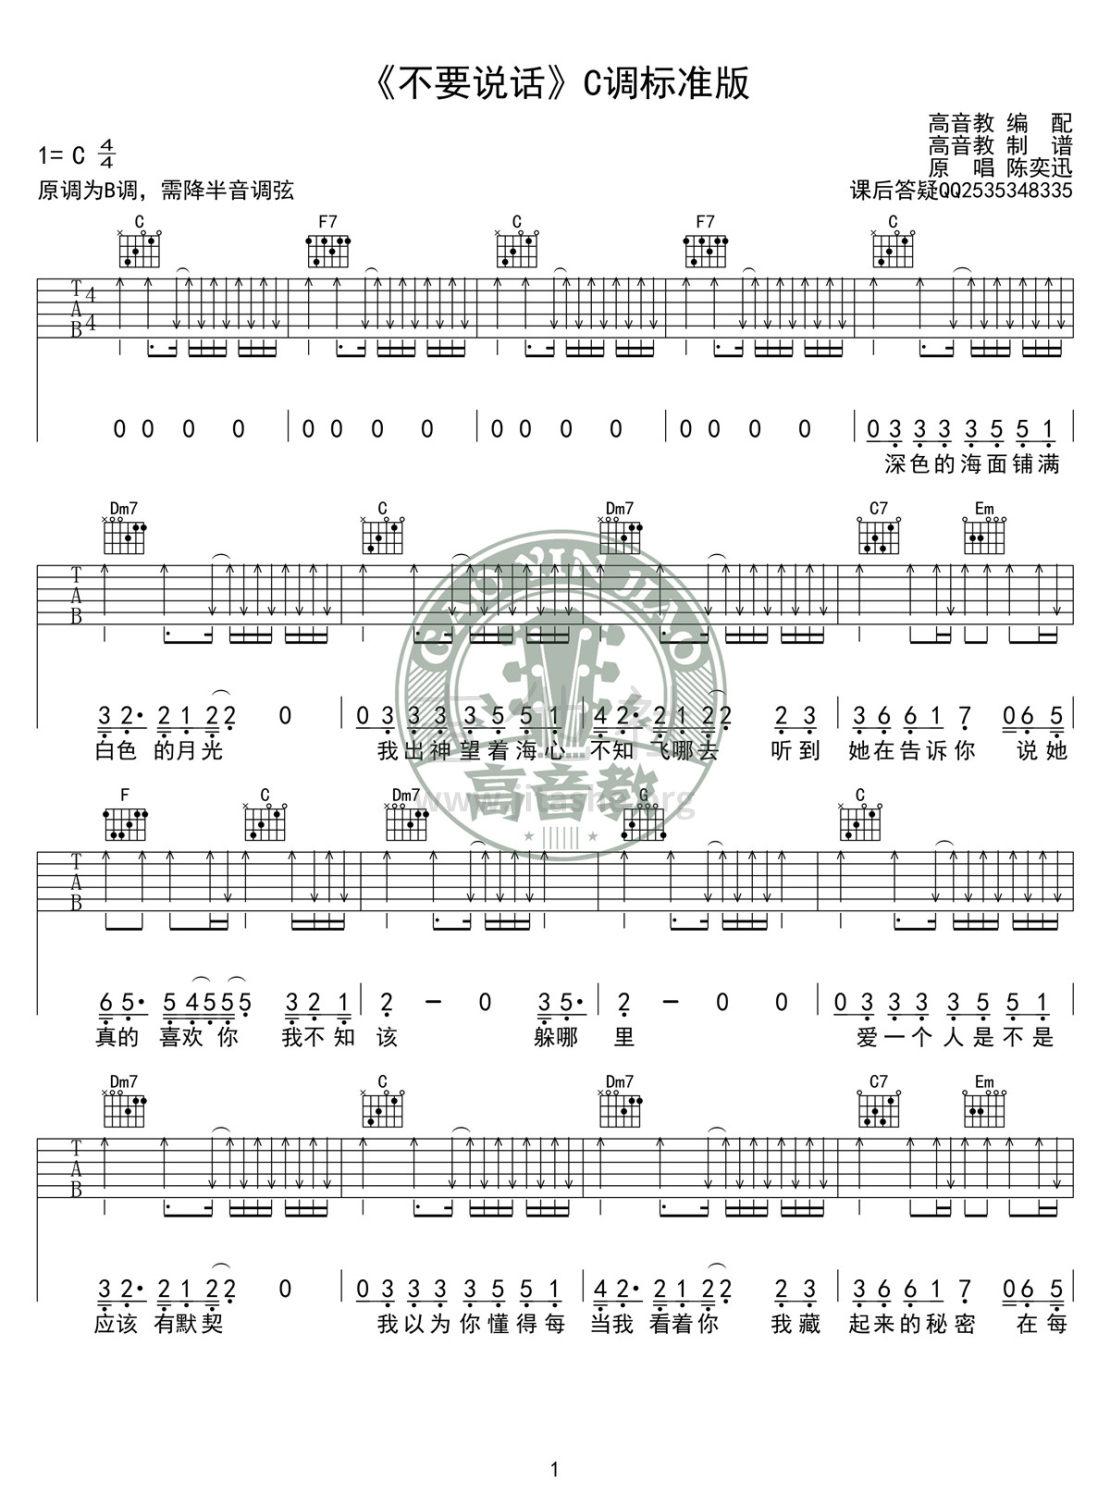 不要说话吉他谱(图片谱,弹唱,伴奏,C调)_陈奕迅(Eason Chan)_《不要说话》C调标准版01.jpg